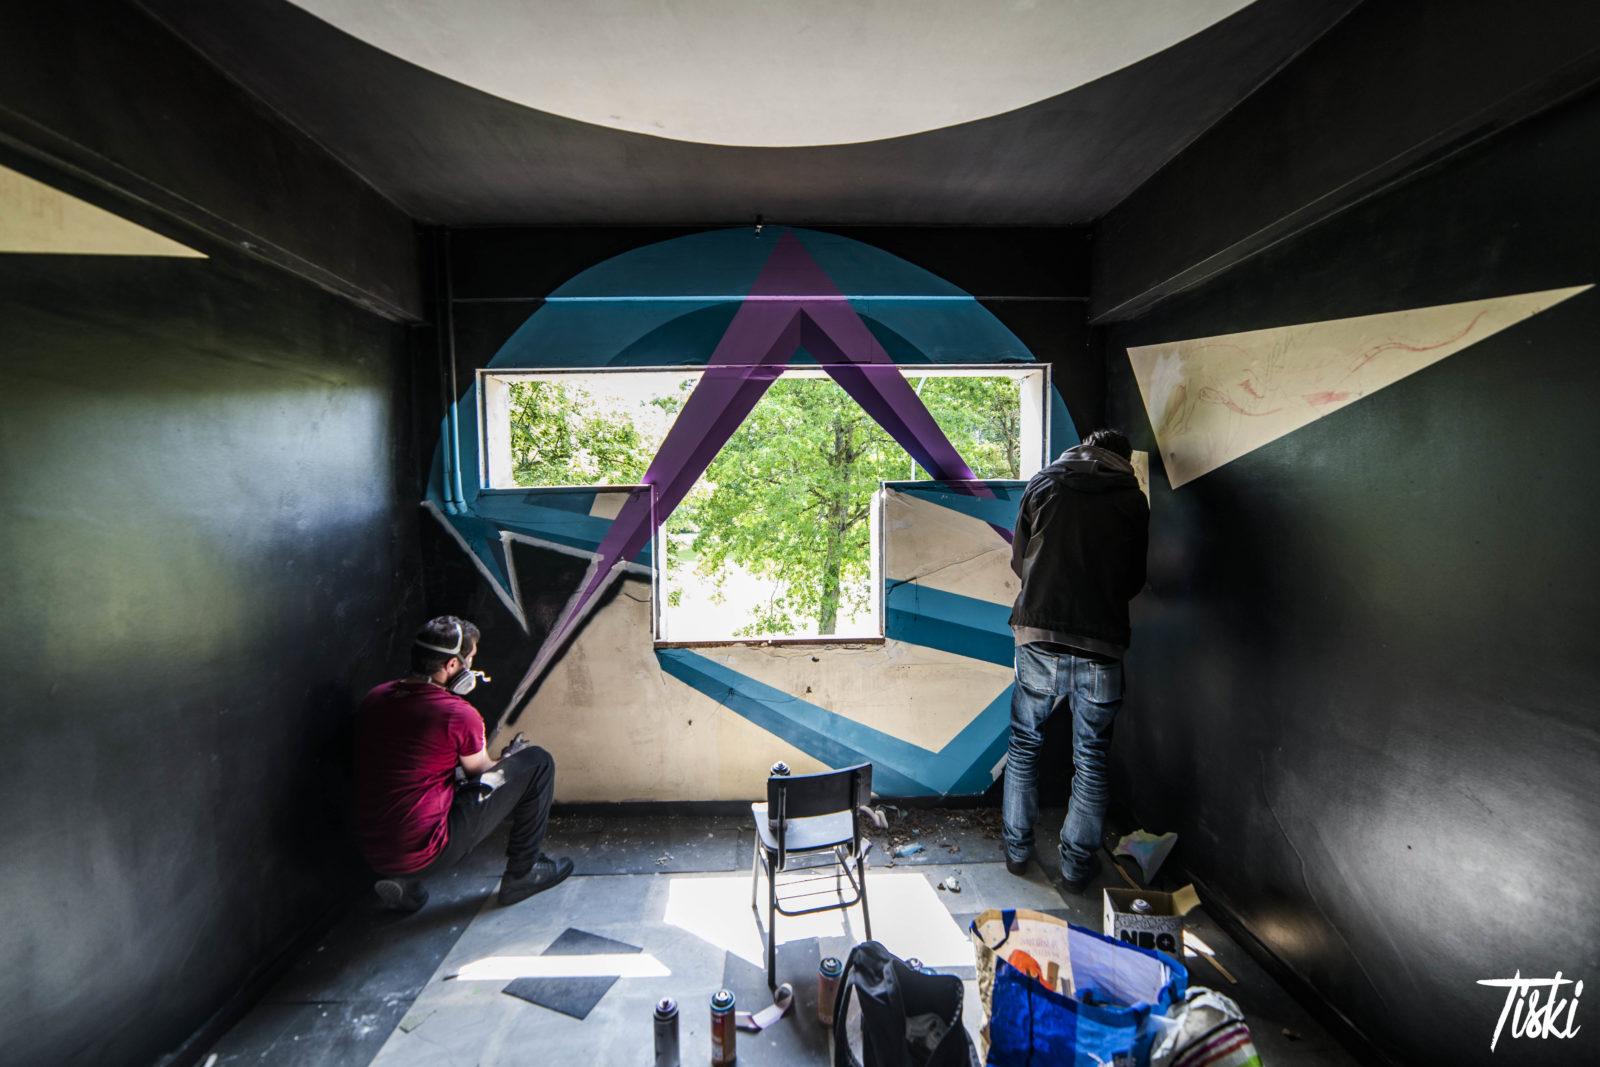 LaBel Valette Fest domaine Asto bombes - LaBel Valette Fest : l'art et les cultures urbaines font revivre un château abandonné